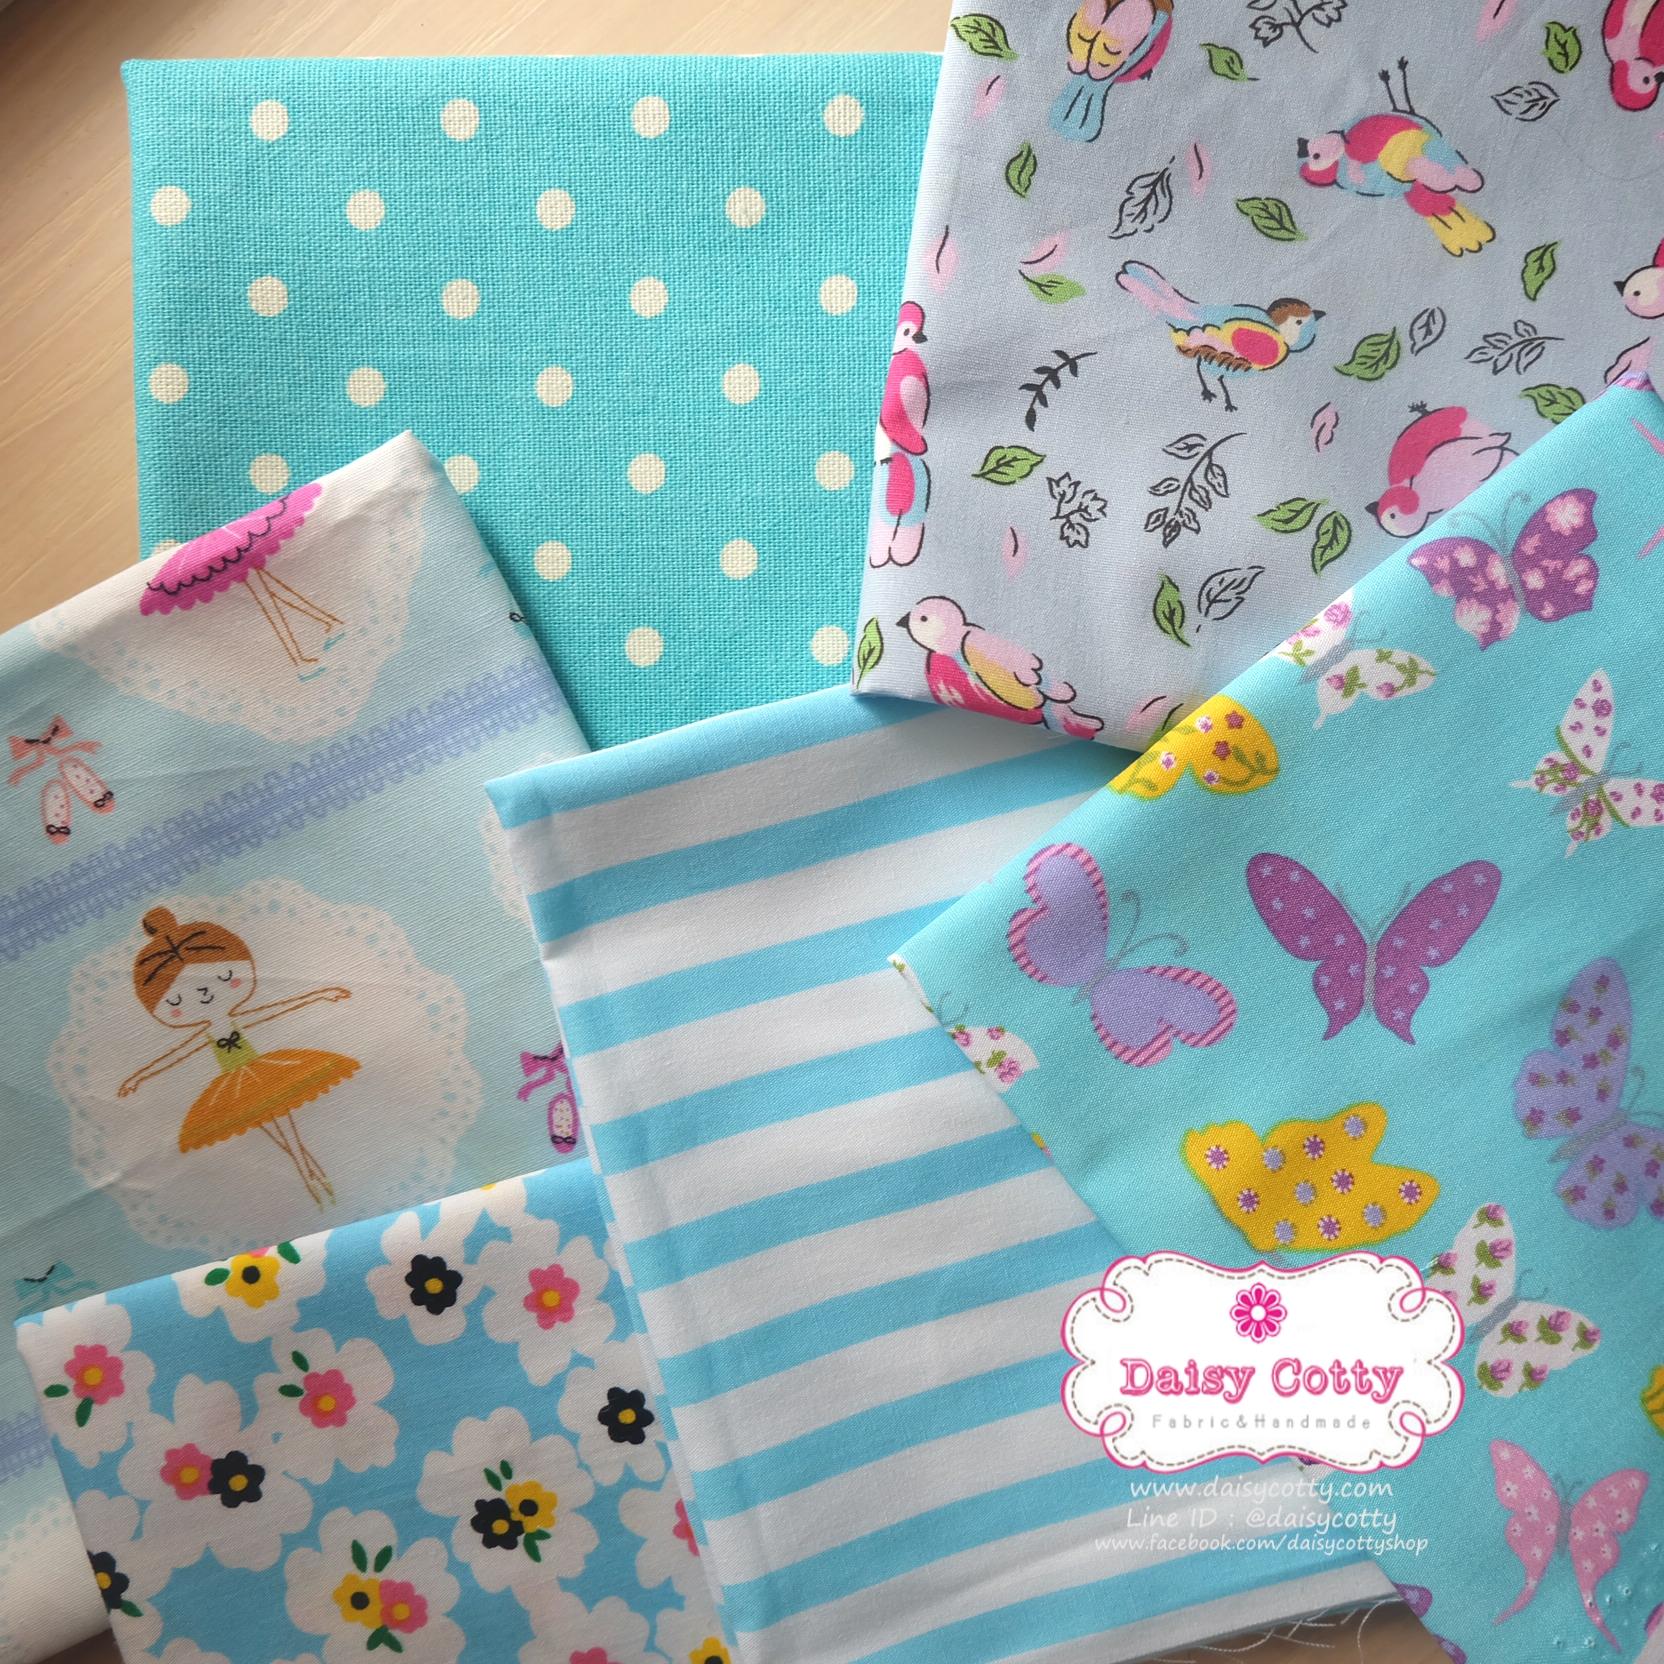 Set 6 ชิ้น : ผ้าคอตตอนไทย 5 ลายและผ้าแคนวาสลายจุด โทนสีฟ้า ชิ้นละ1/8 ม.(50x27.5ซม.)